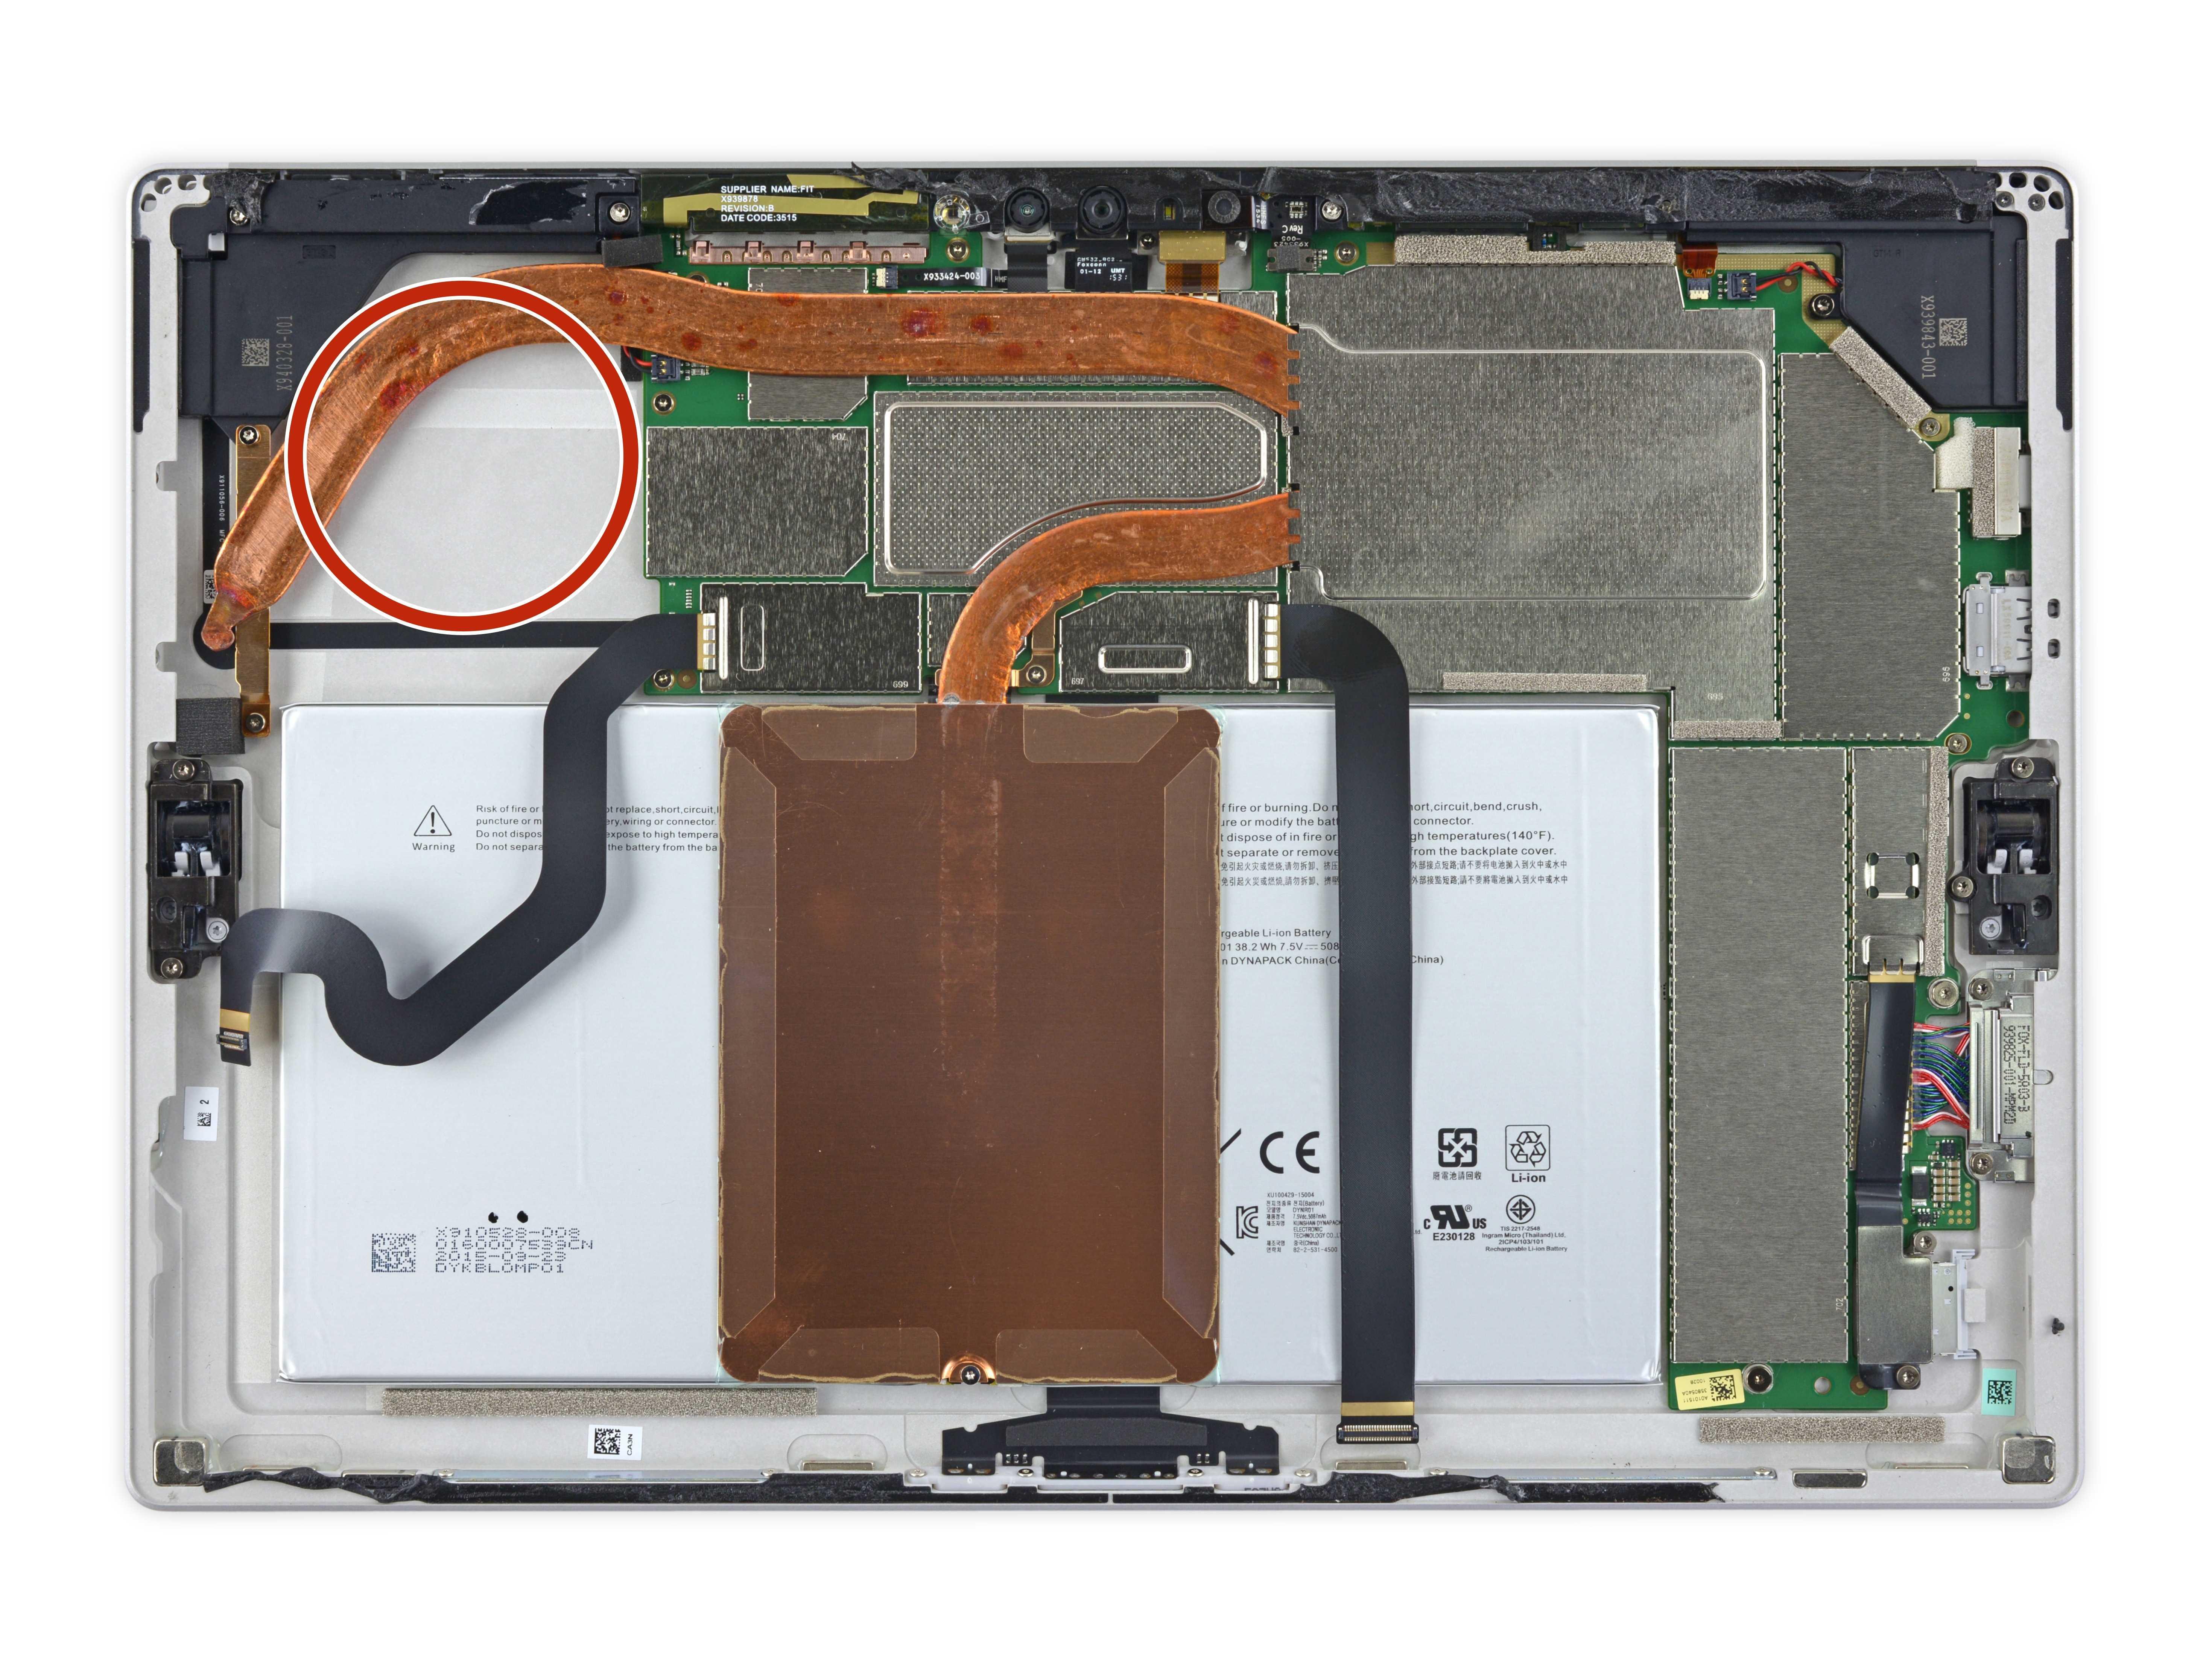 Пару недель назад корпорация Microsoft анонсировала свой новый планшет получивший название Surface Go 2 Наконец-то перспективный аппарат попал в руки экспертов из